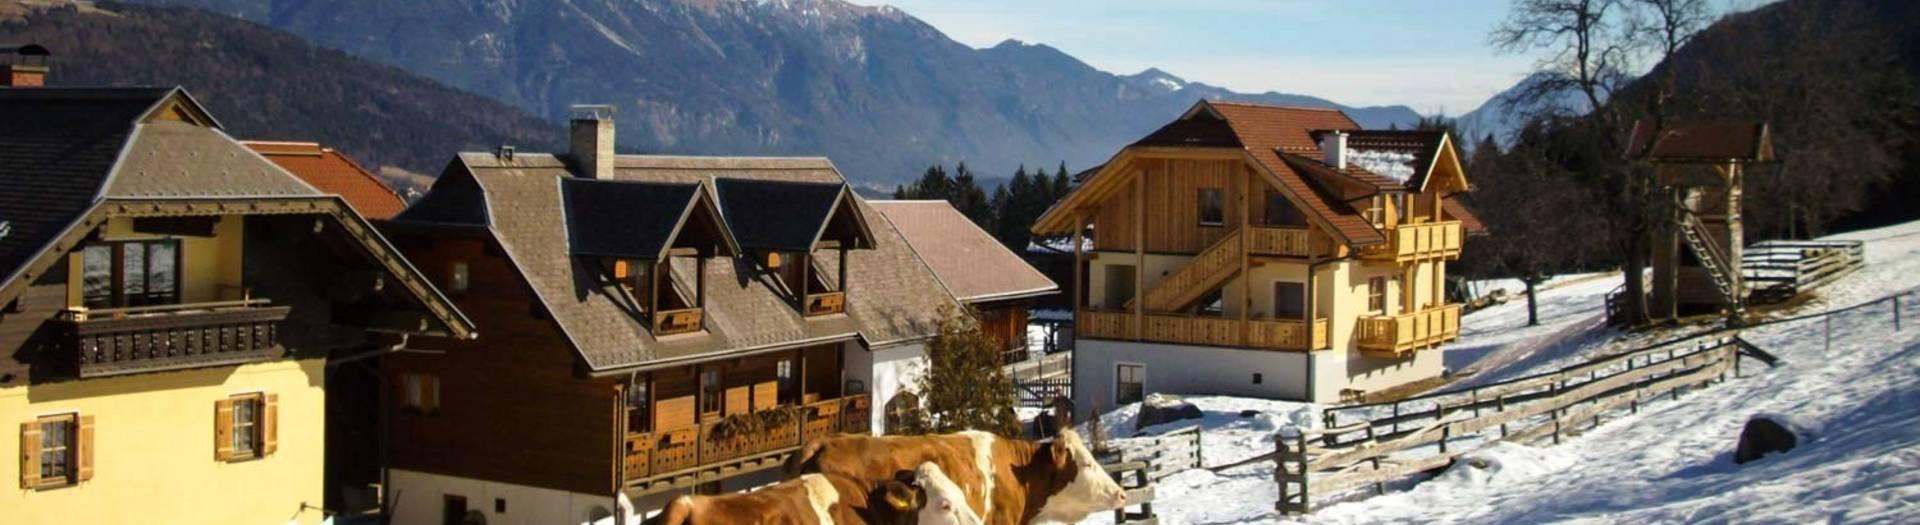 Urlaub am Bauernhof im Winter am Schönauerhof am Nassfeld in Kärnten